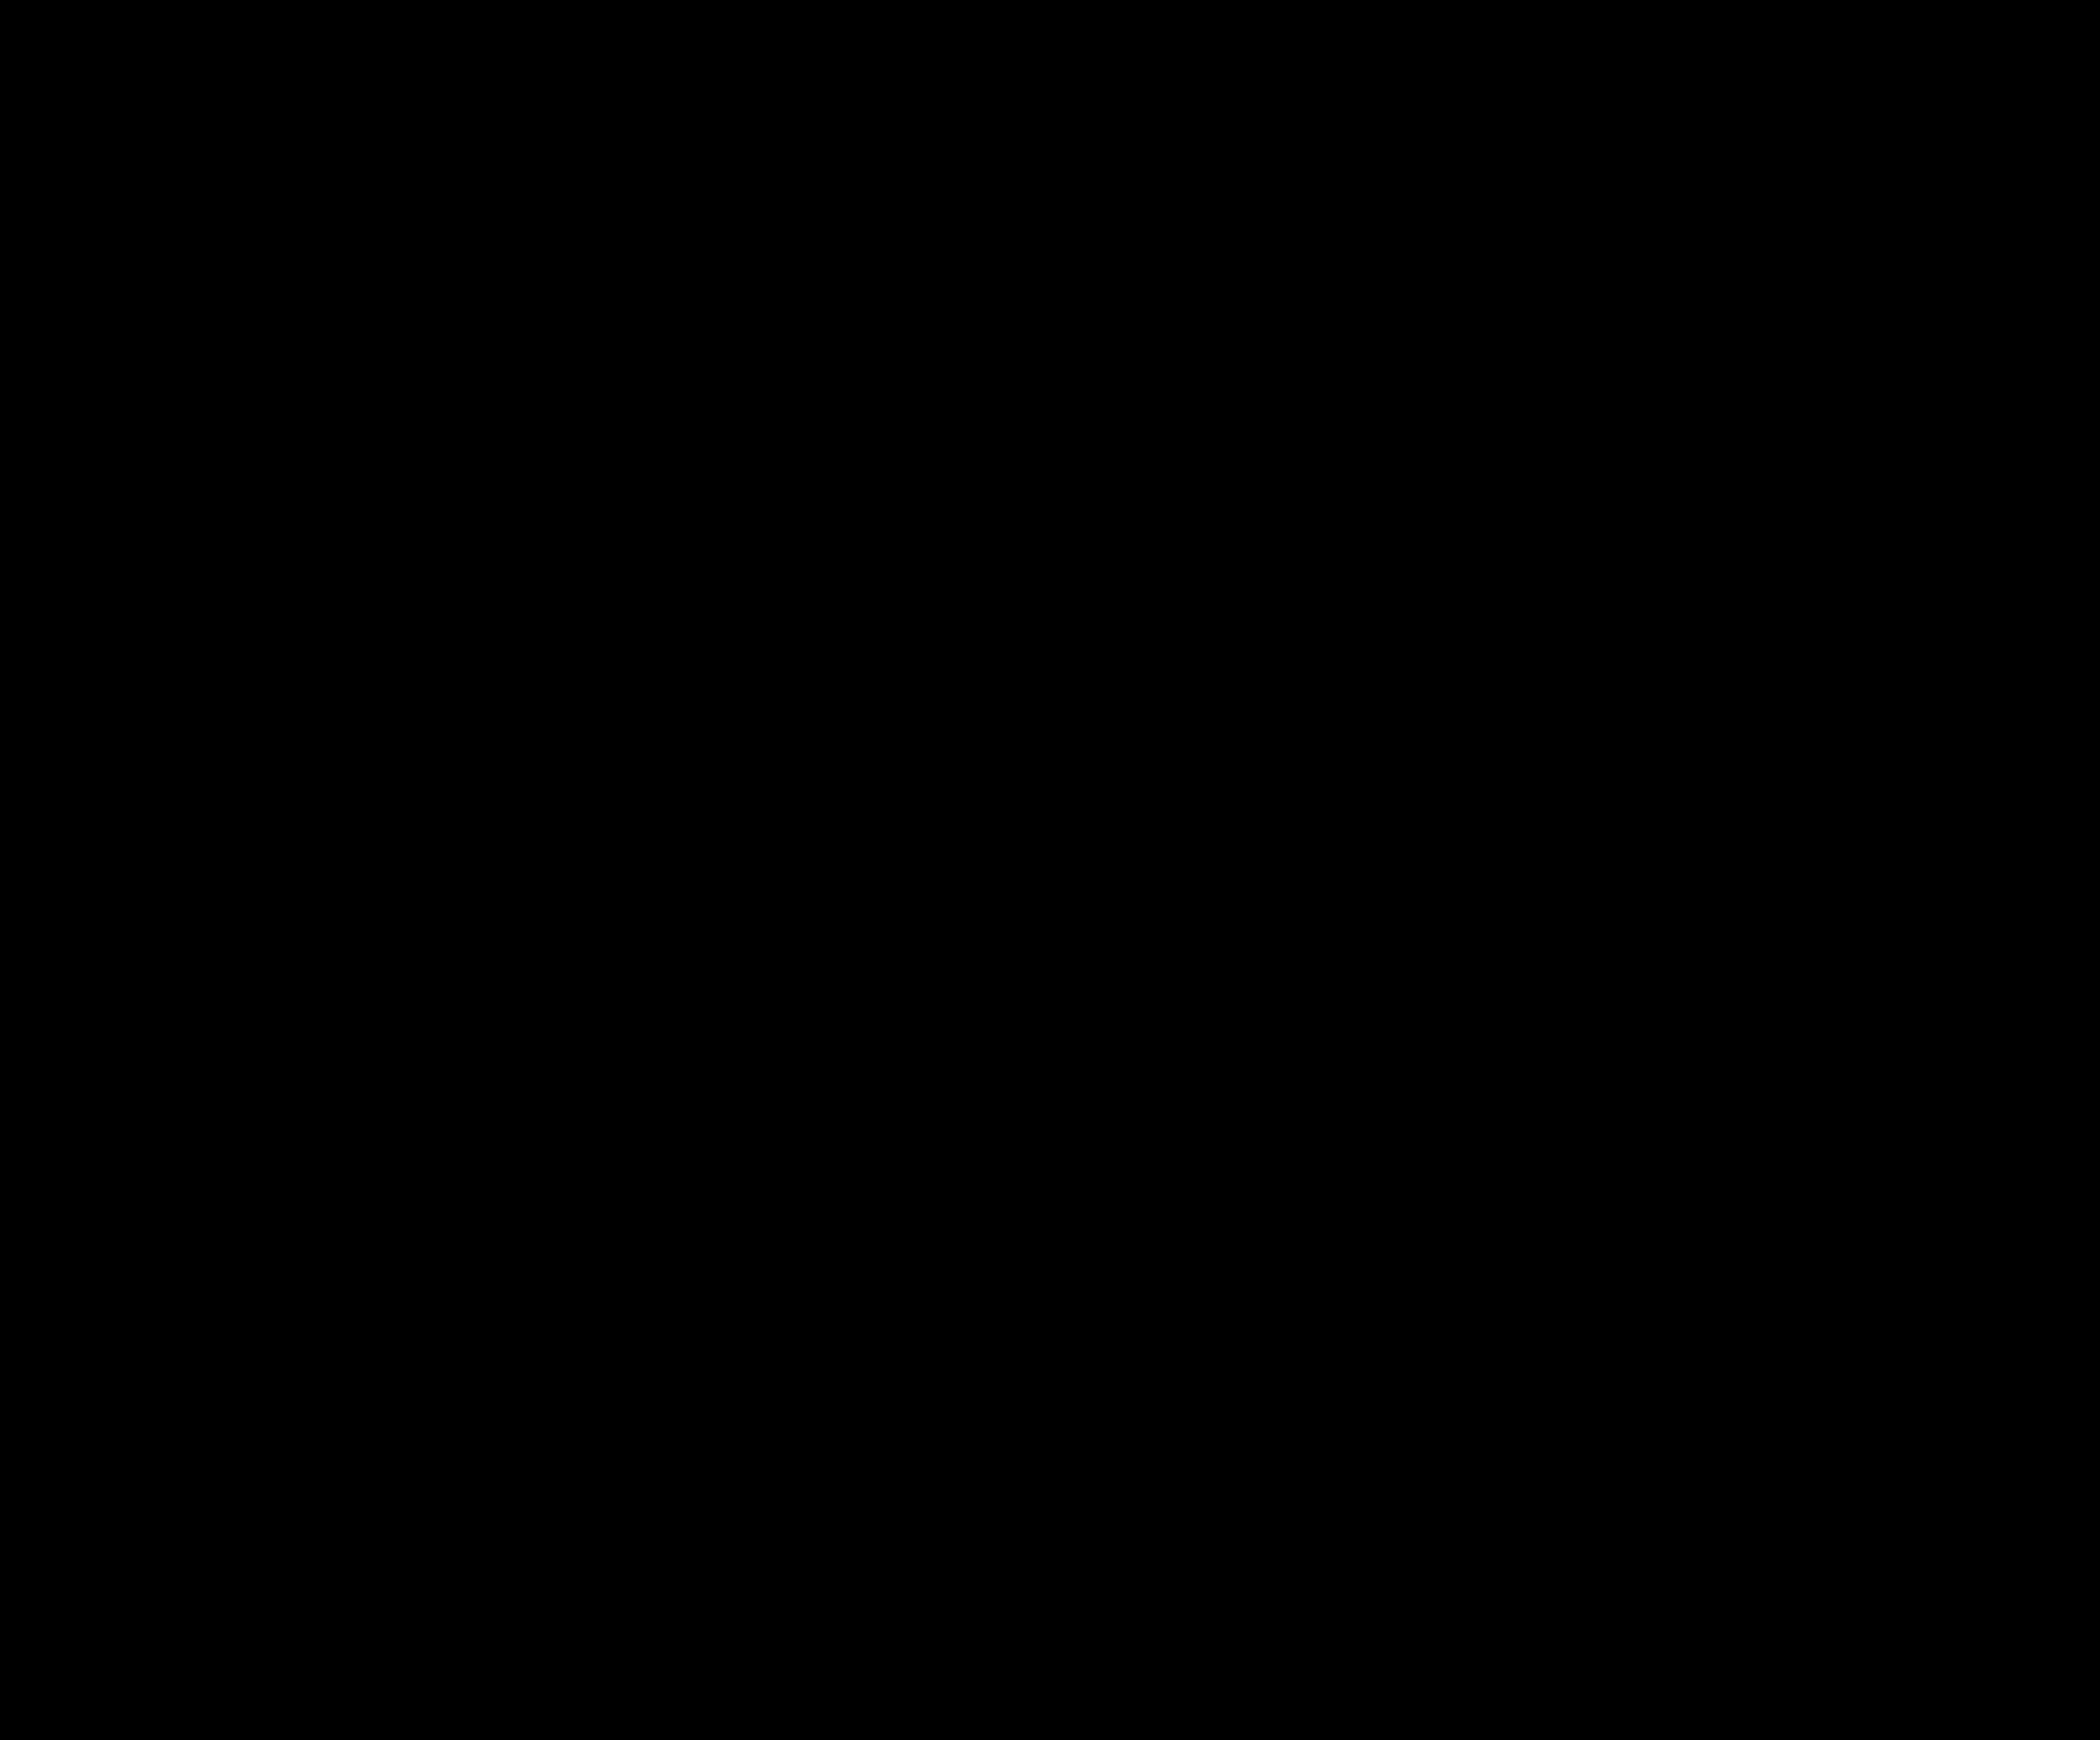 Tri luu-04 2.png